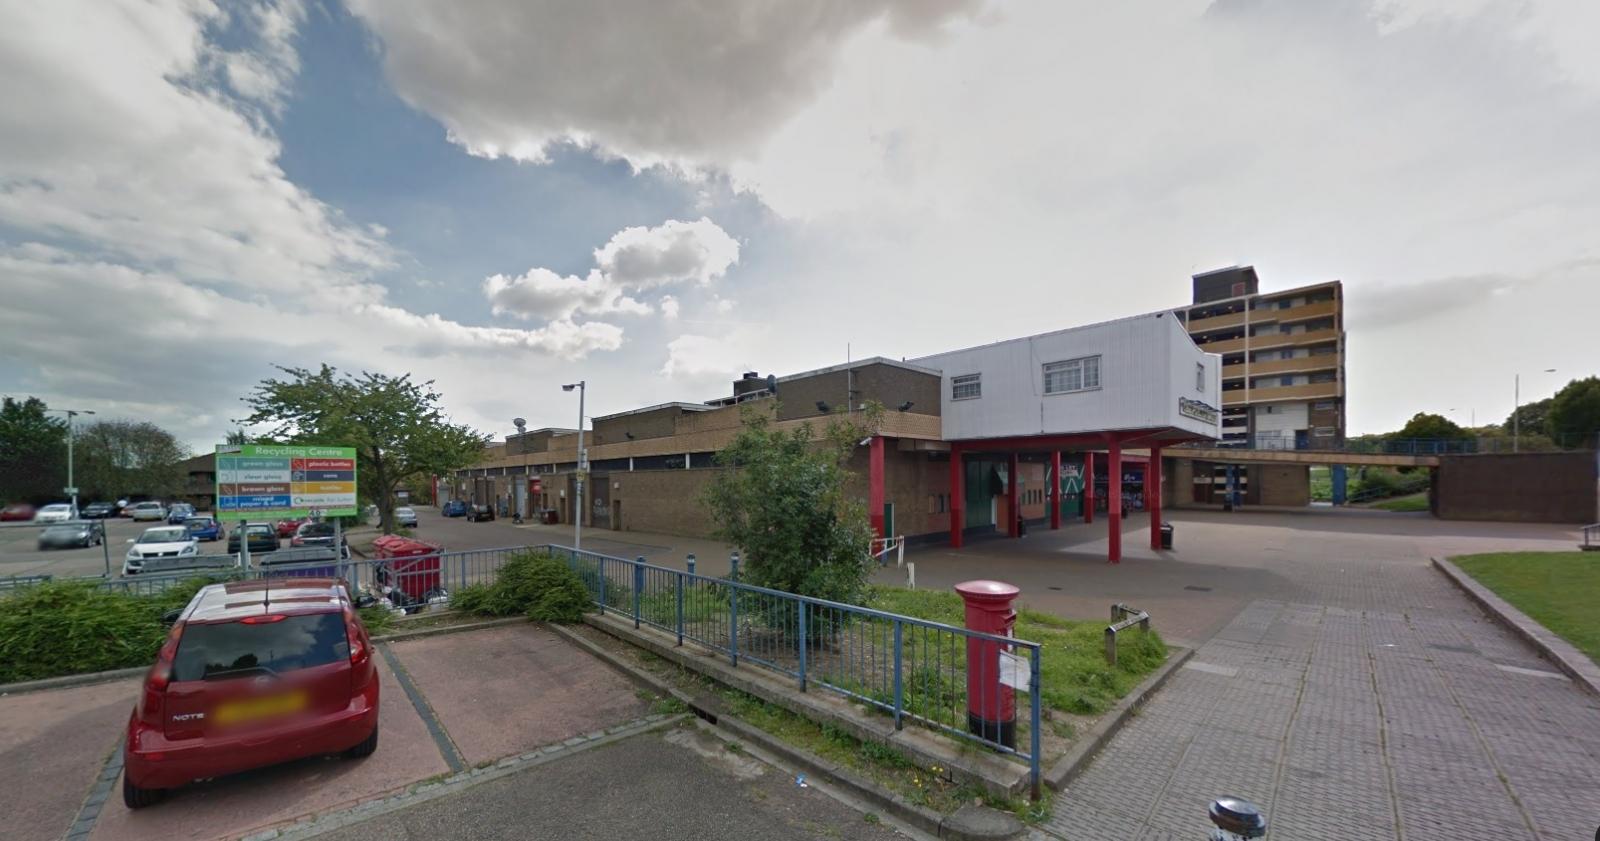 Purley Centre Luton via Google Maps